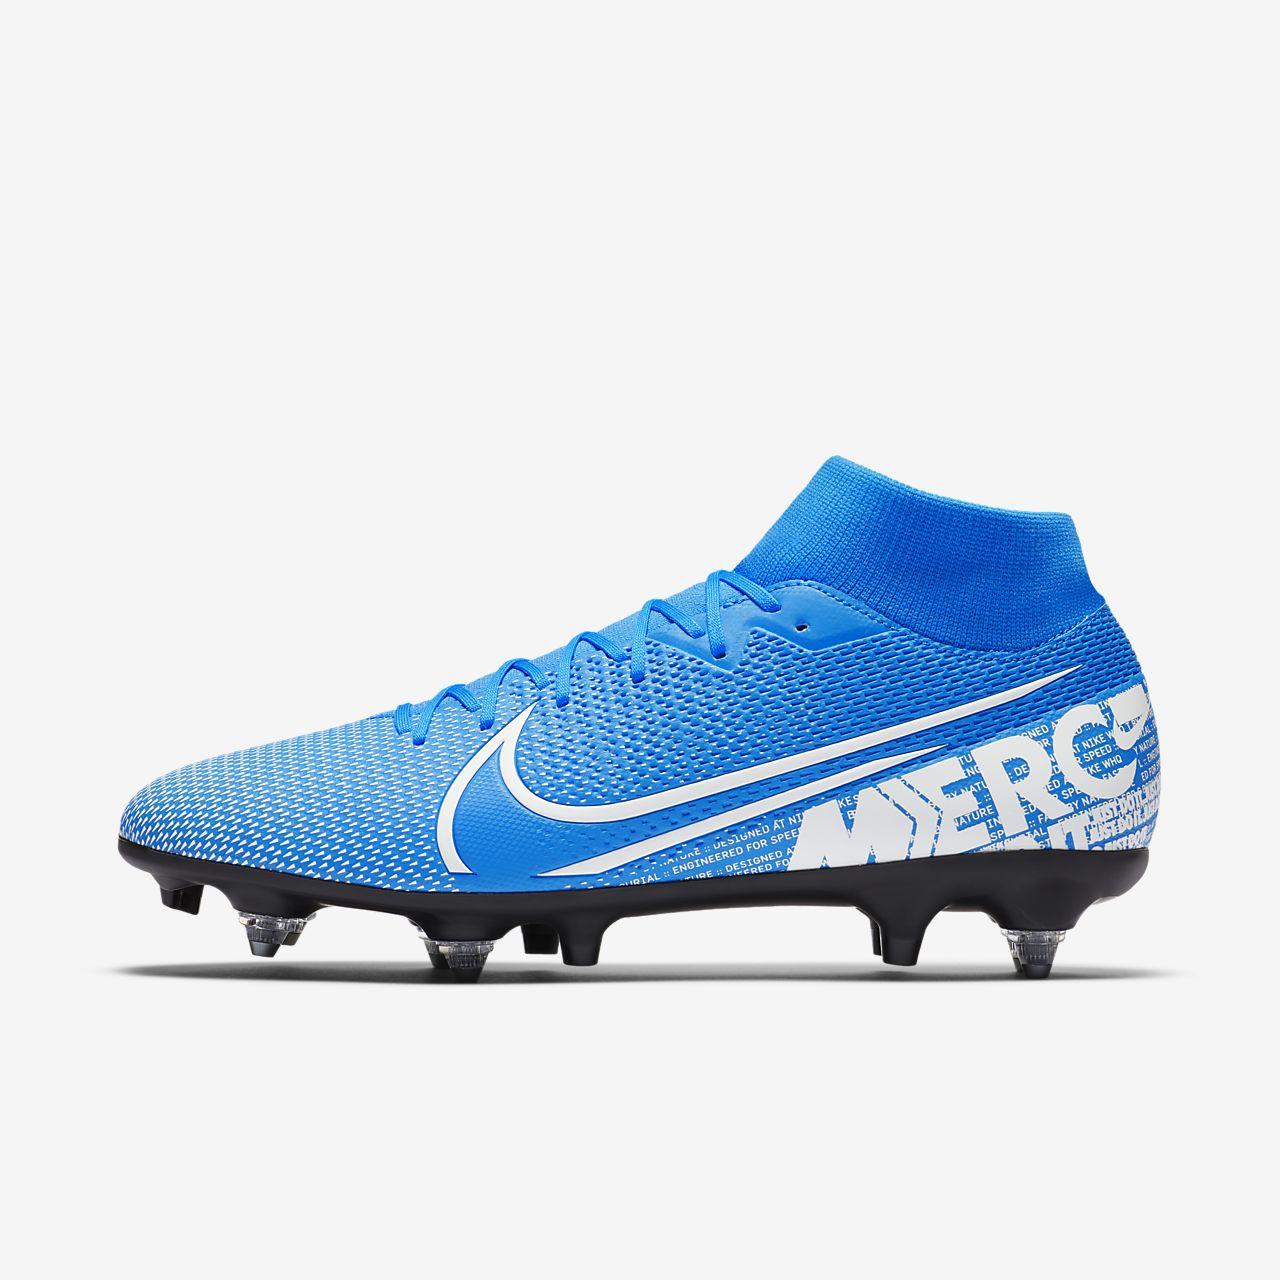 Fotbollssko för vått gräs Nike Mercurial Superfly 7 Academy SG-PRO Anti-Clog Traction